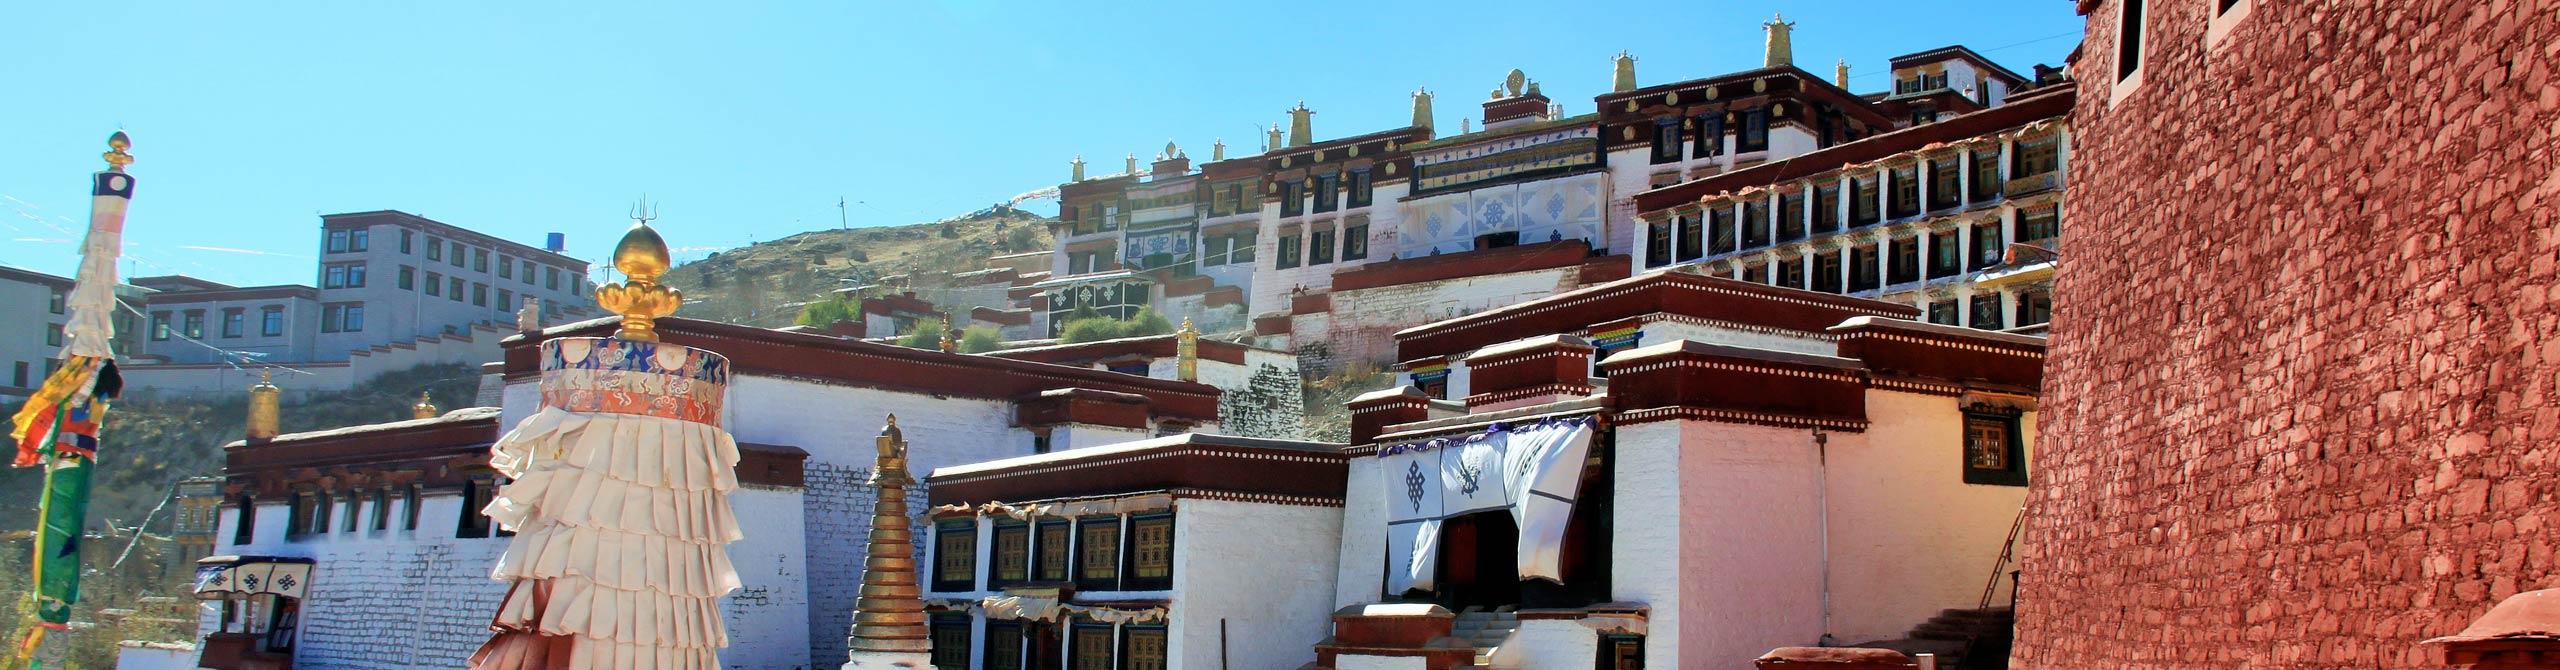 1-Day Ganden Monastery Tour